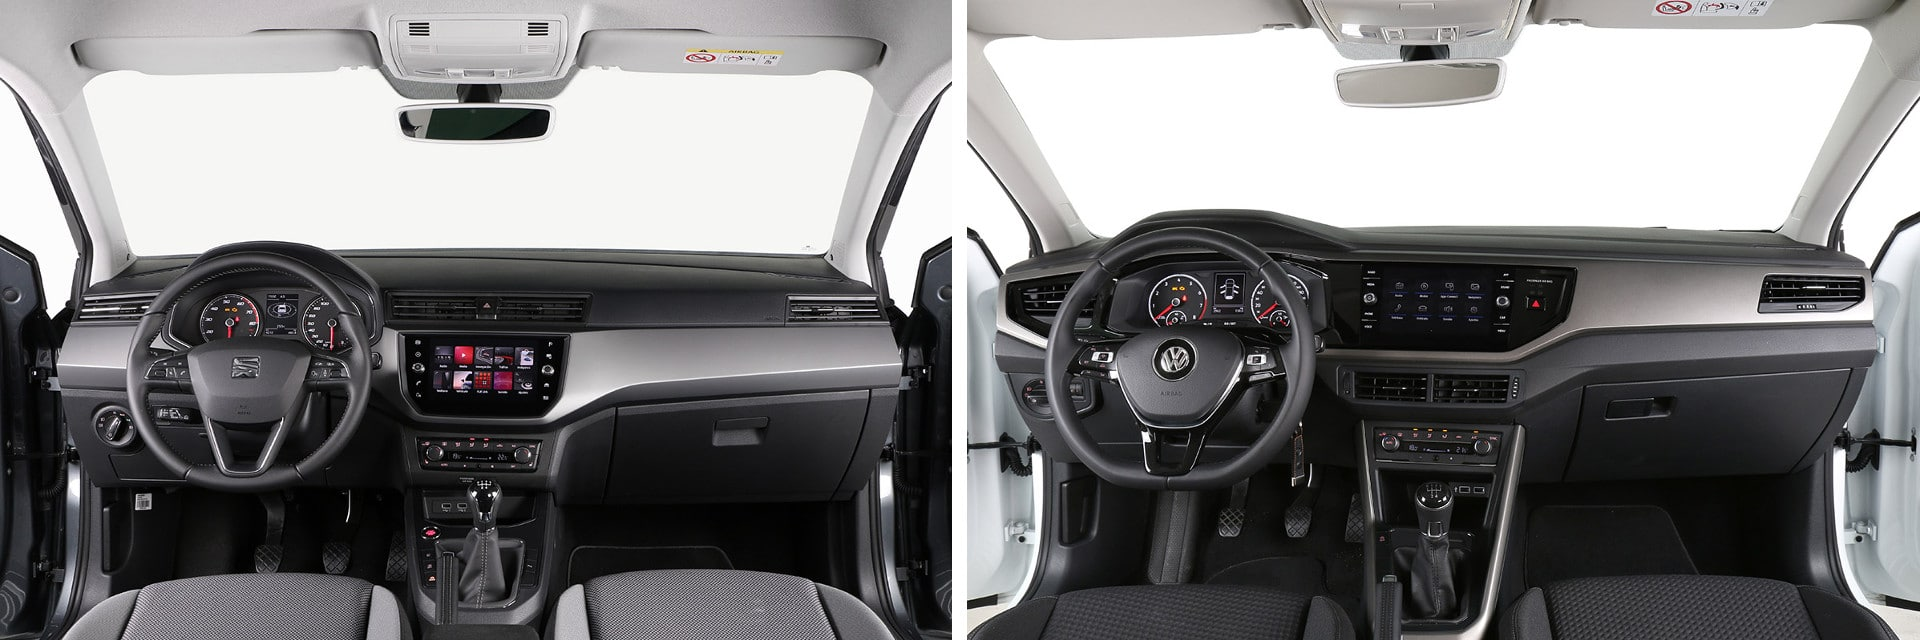 El Volkswagen Polo (izq.) cuenta con materiales de nayor calidad en su interior que el Ibiza (dcha.)